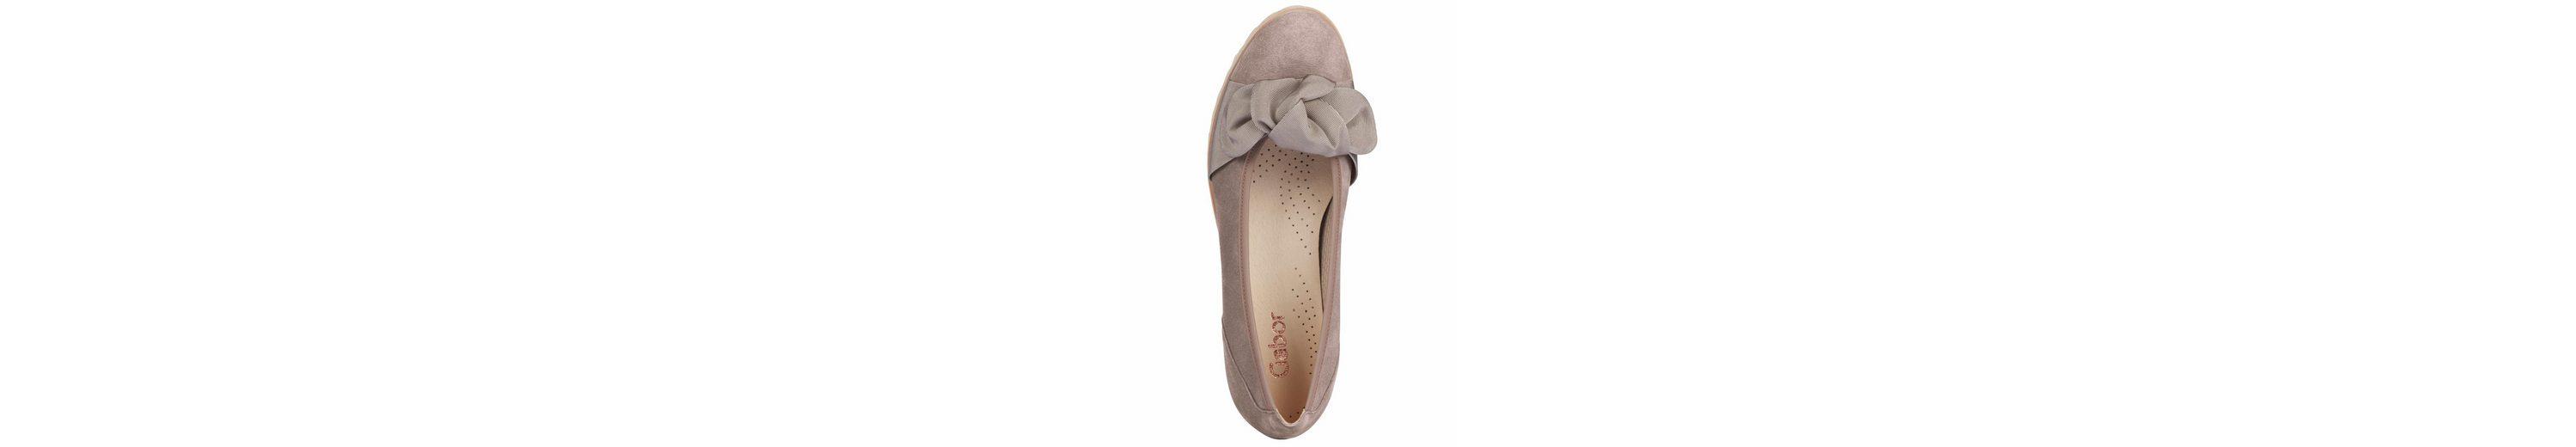 Günstiger Online-Shop GABOR Ballerina mit Schleifenapplikation Erhalten Authentische Online Günstig Für Schön 9SvtKZ0OR